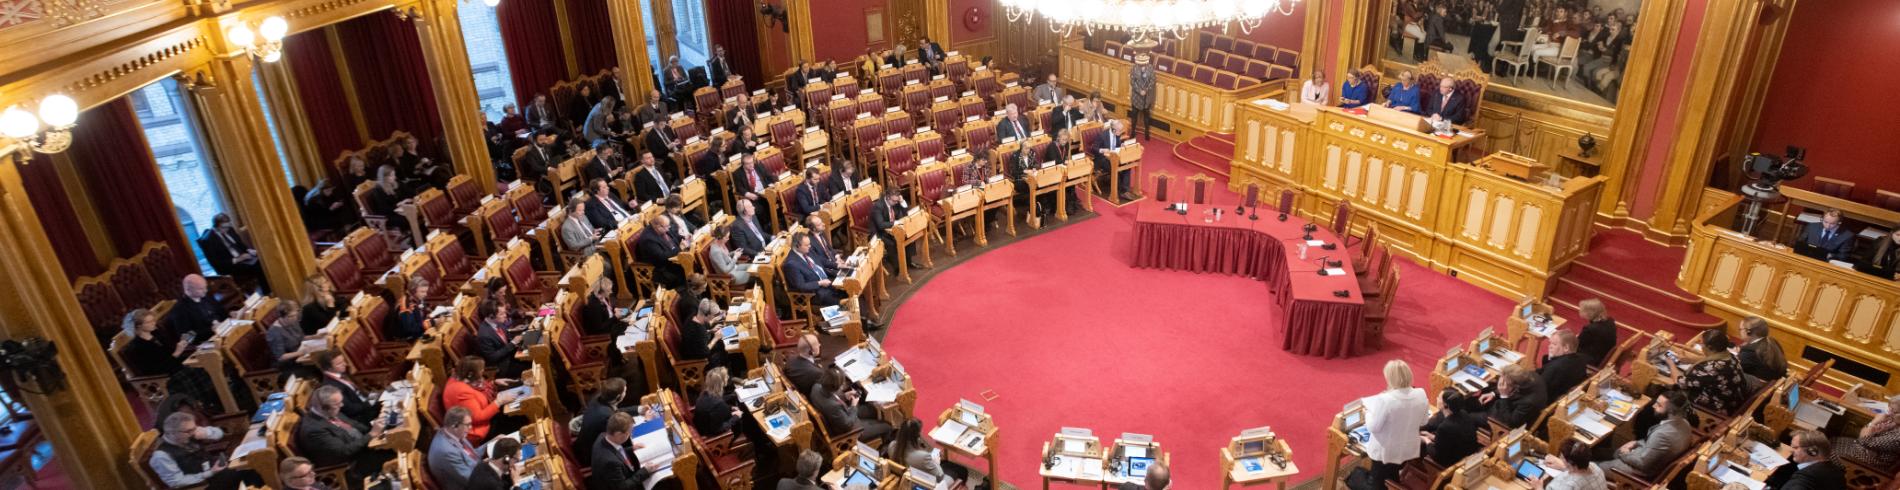 Billeder fra Nordisk Råds session og Nordisk Råds prisuddeling cover image